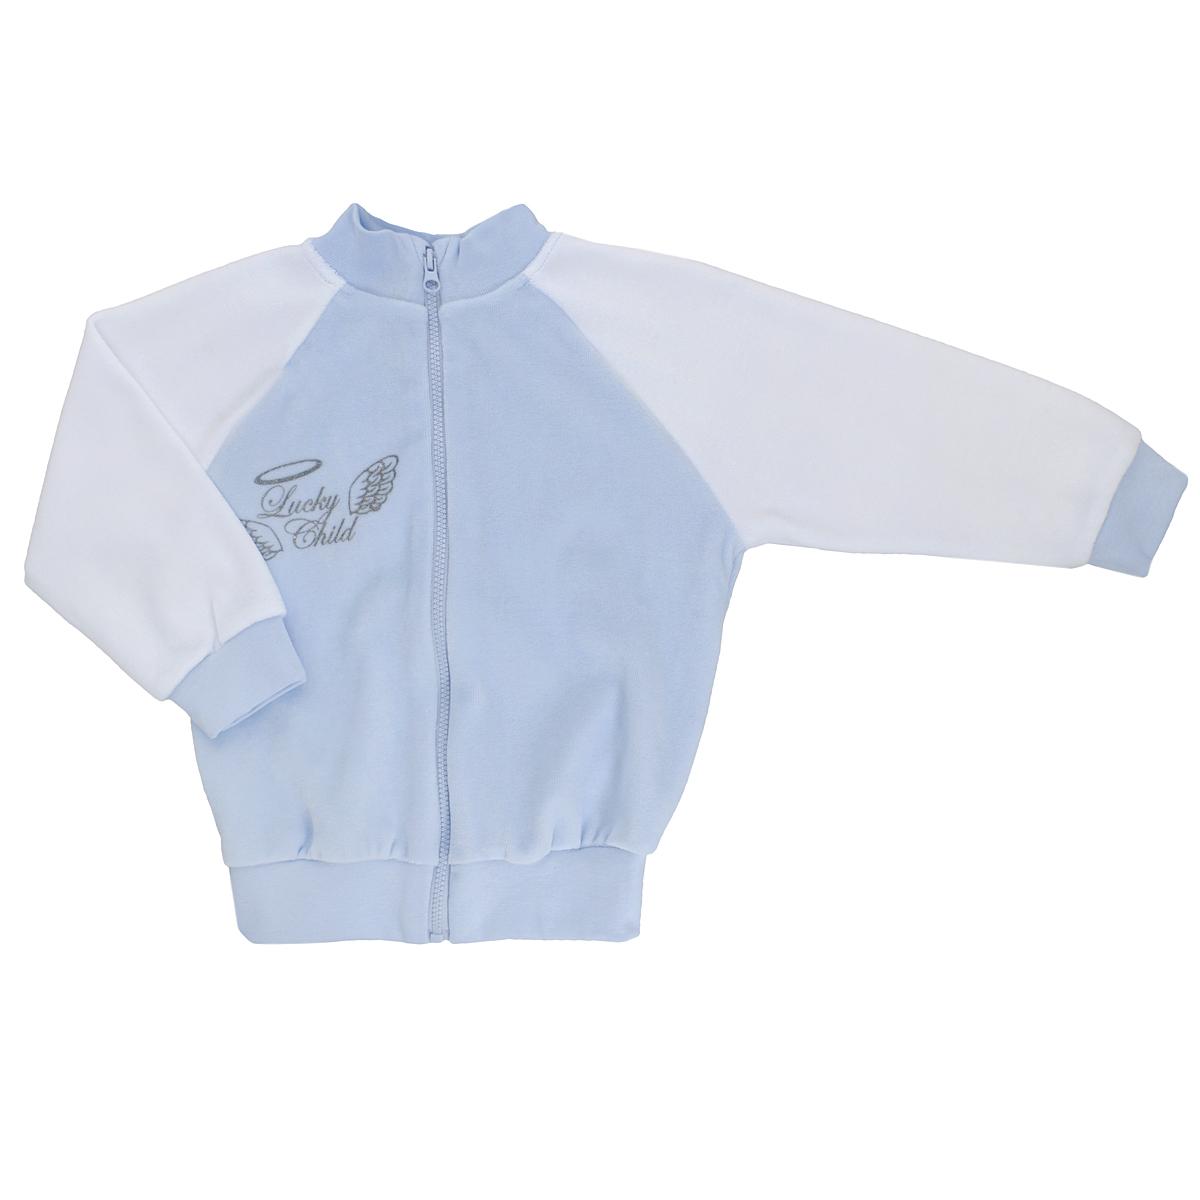 Кофточка детская Lucky Child Ангелы, цвет: голубой, белый. 17-18. Размер 68/7417-18Кофточка для новорожденного Lucky Child Ангелы с длинными рукавами-реглан послужит идеальным дополнением к гардеробу вашего малыша, обеспечивая ему наибольший комфорт. Изготовленная из велюра, она необычайно мягкая и легкая, не раздражает нежную кожу ребенка и хорошо вентилируется, а эластичные швы приятны телу малыша и не препятствуют его движениям. Удобная застежка-молния по всей длине помогает легко переодеть младенца. Рукава, низ изделия и горловина дополнены широкими трикотажными резинками.Кофточка на груди оформлена надписью в виде логотипа бренда и изображением крылышек, а на спинке дополнена текстильными крылышками, вышитыми металлизированной нитью. Кофточка полностью соответствует особенностям жизни ребенка в ранний период, не стесняя и не ограничивая его в движениях. В ней ваш малыш всегда будет в центре внимания.